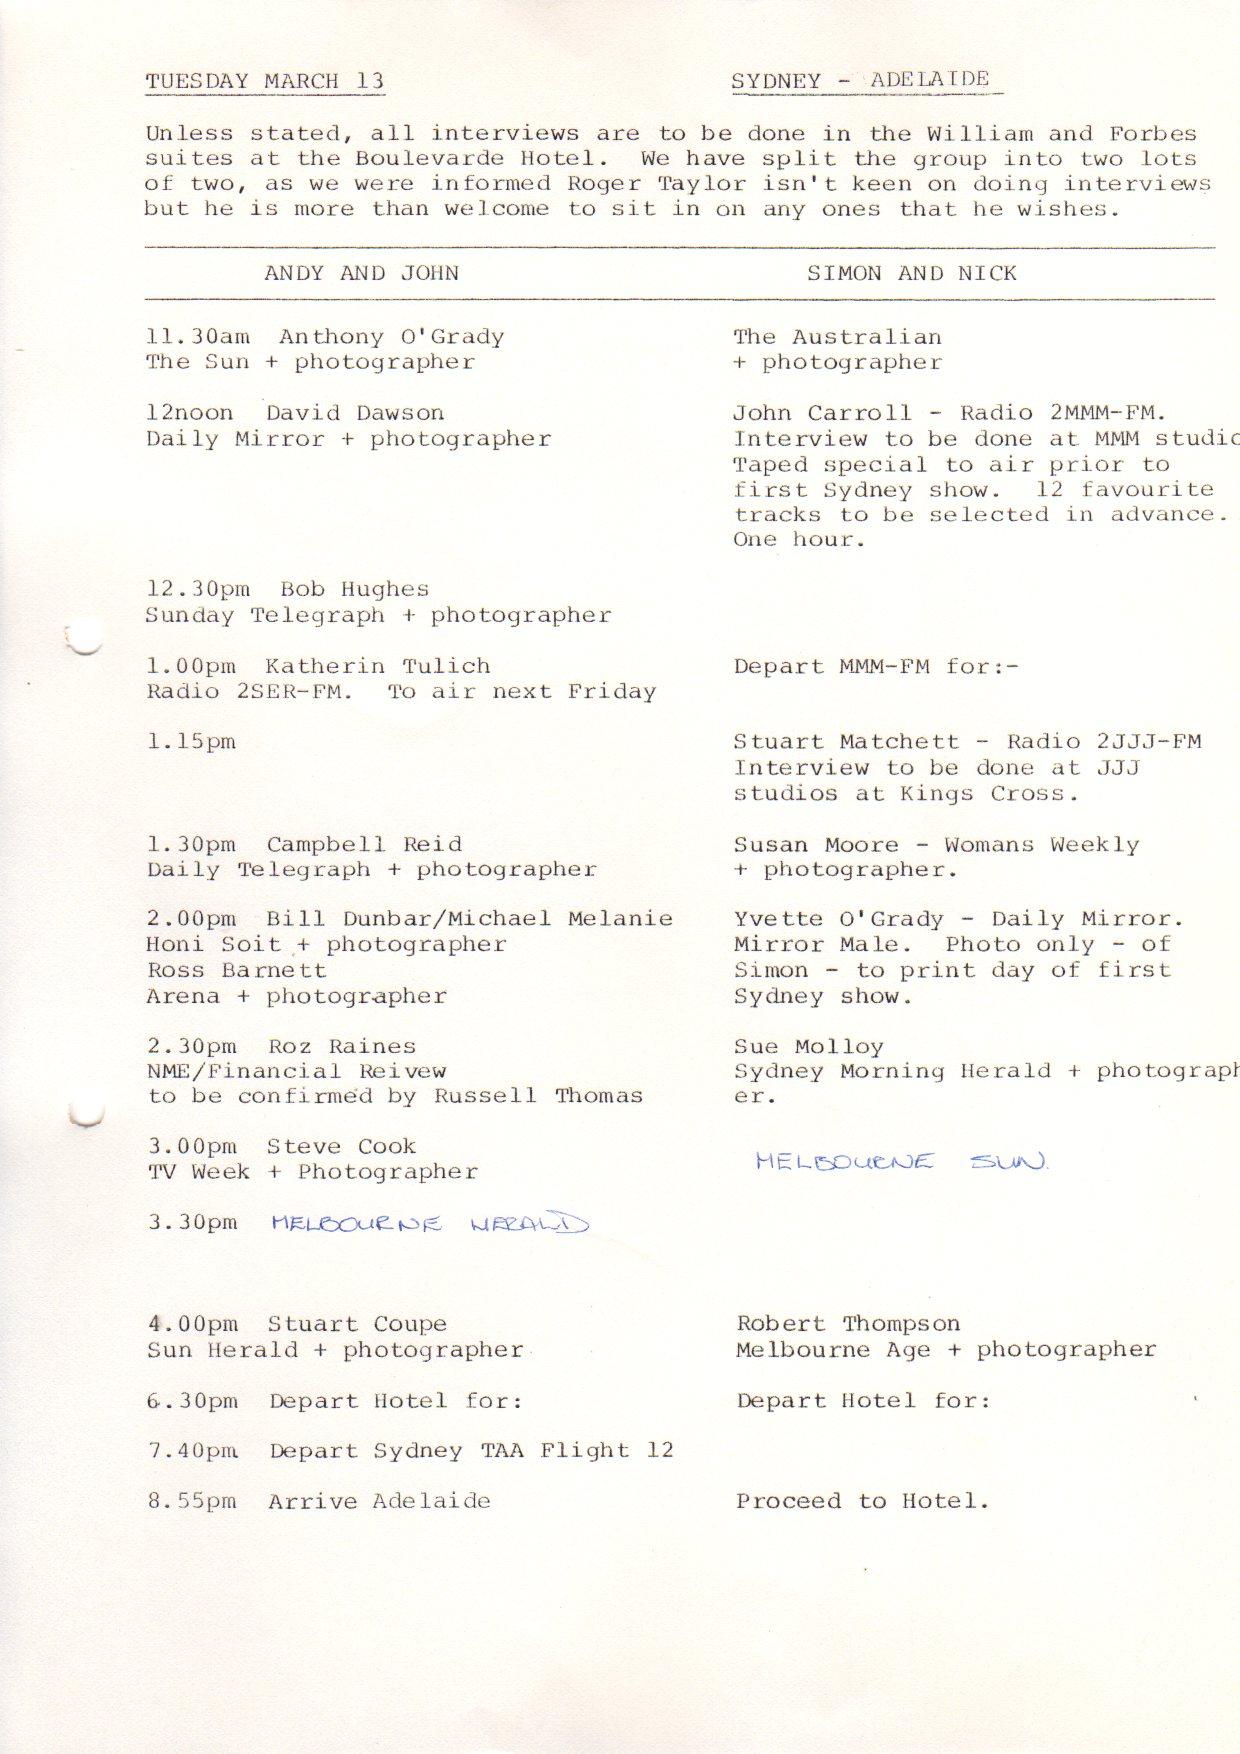 Aussie Press schedule 7